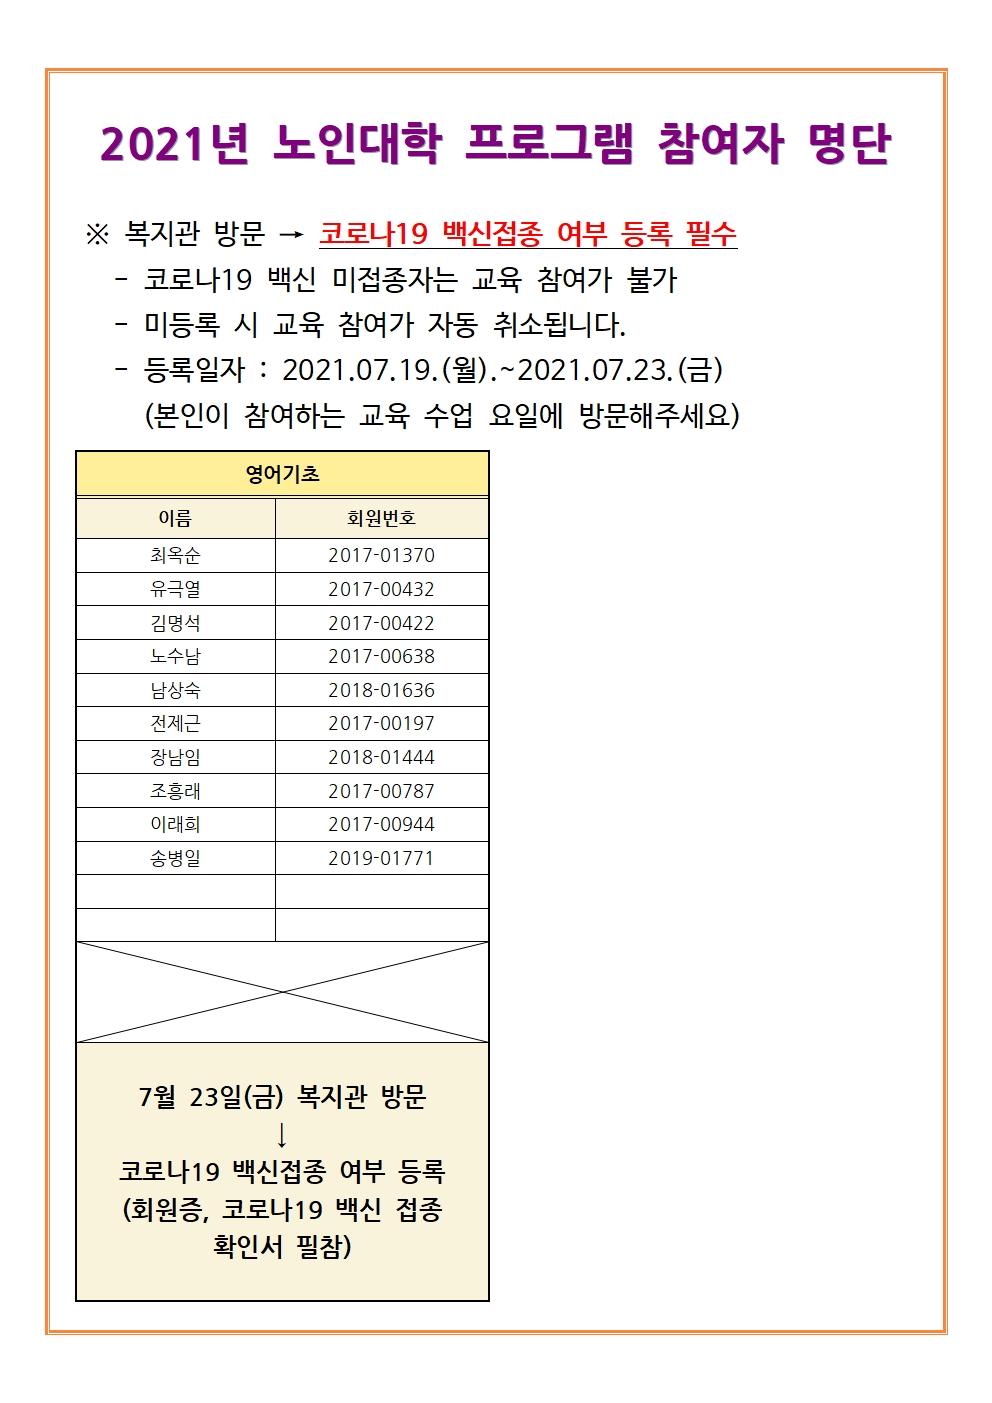 2021년 노인대학 프로그램 참여자 명단(최종 공지)006.jpg